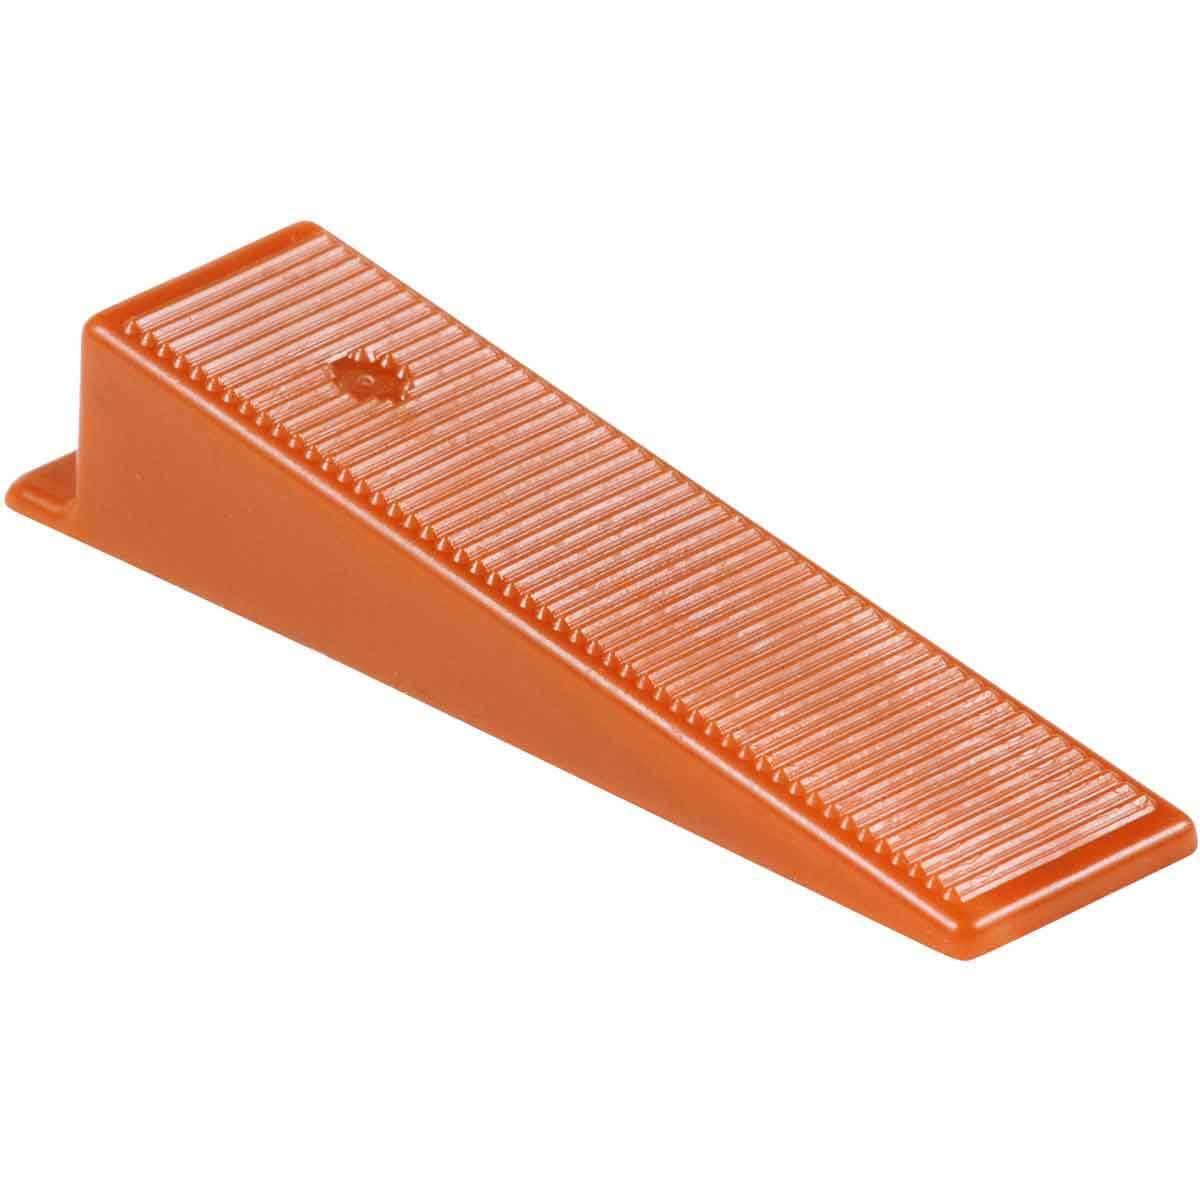 7688 raimondi tile leveling system wedges